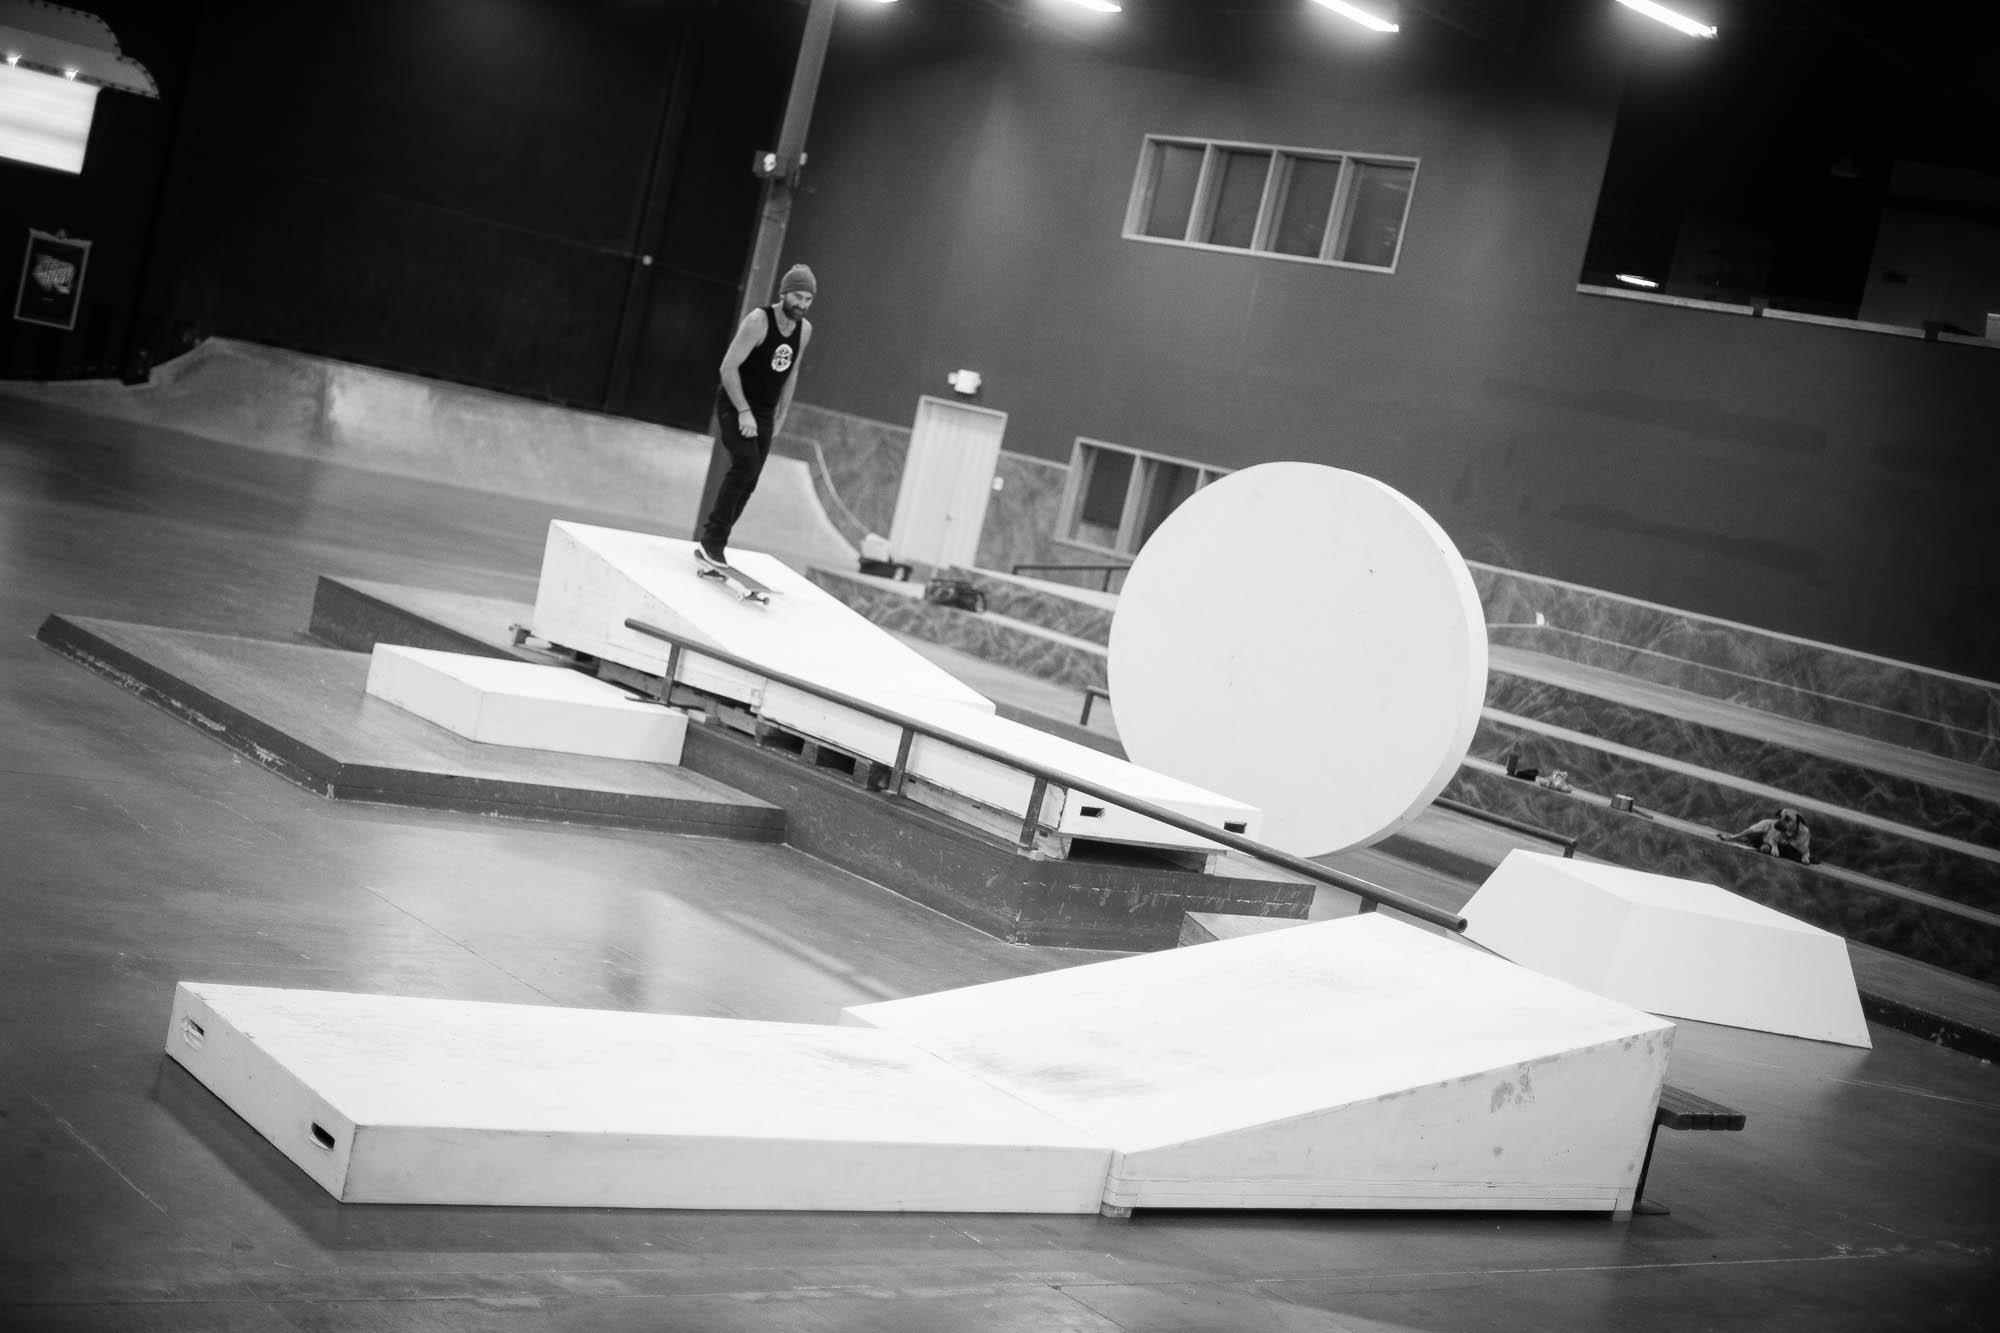 Almost_Skateboards_Chris_Haslam_2up_winner4.jpg